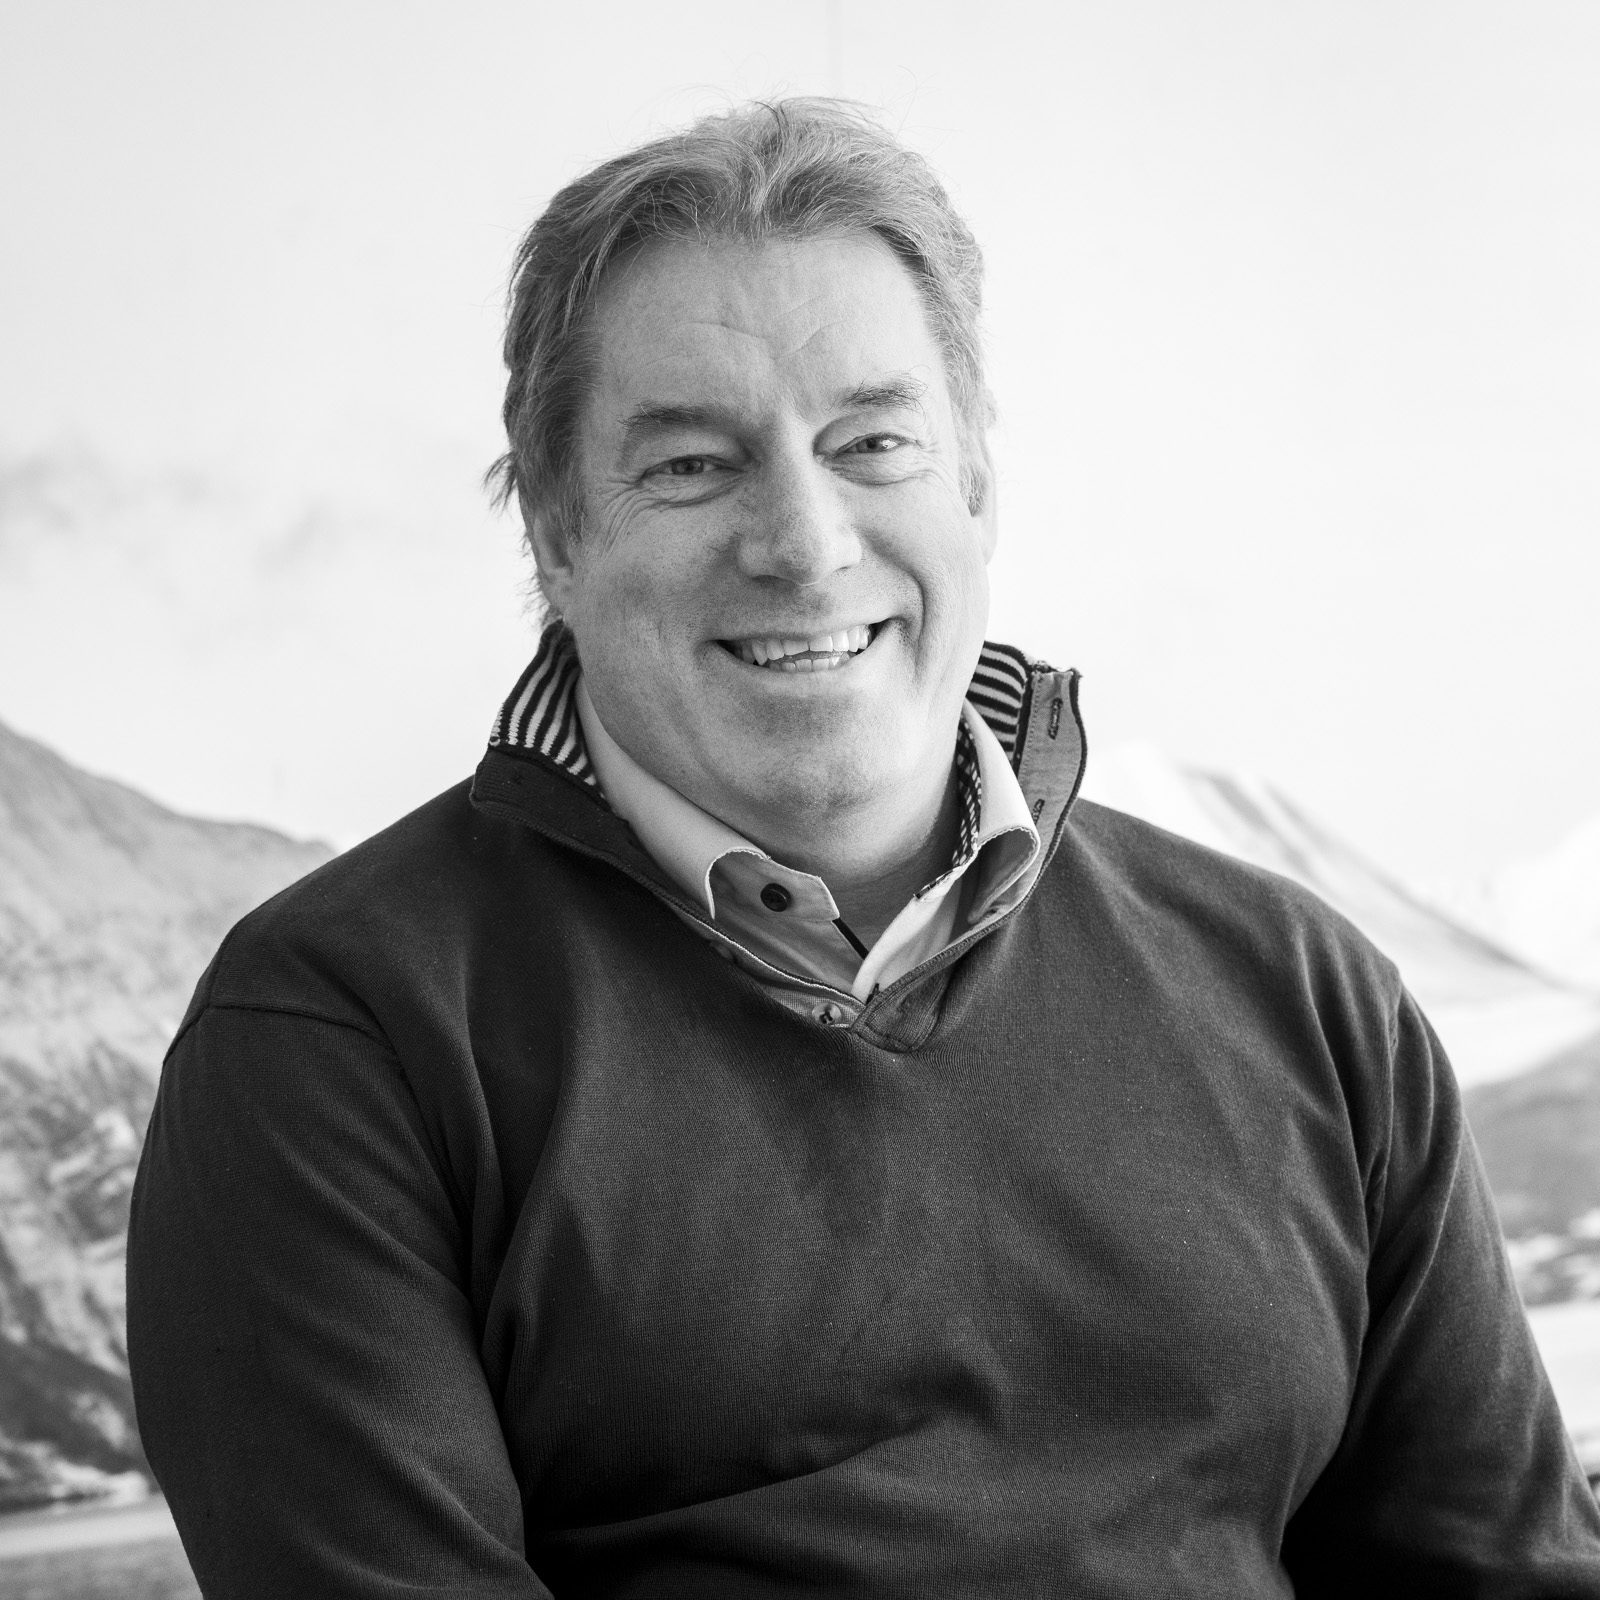 Kjetil Hestad